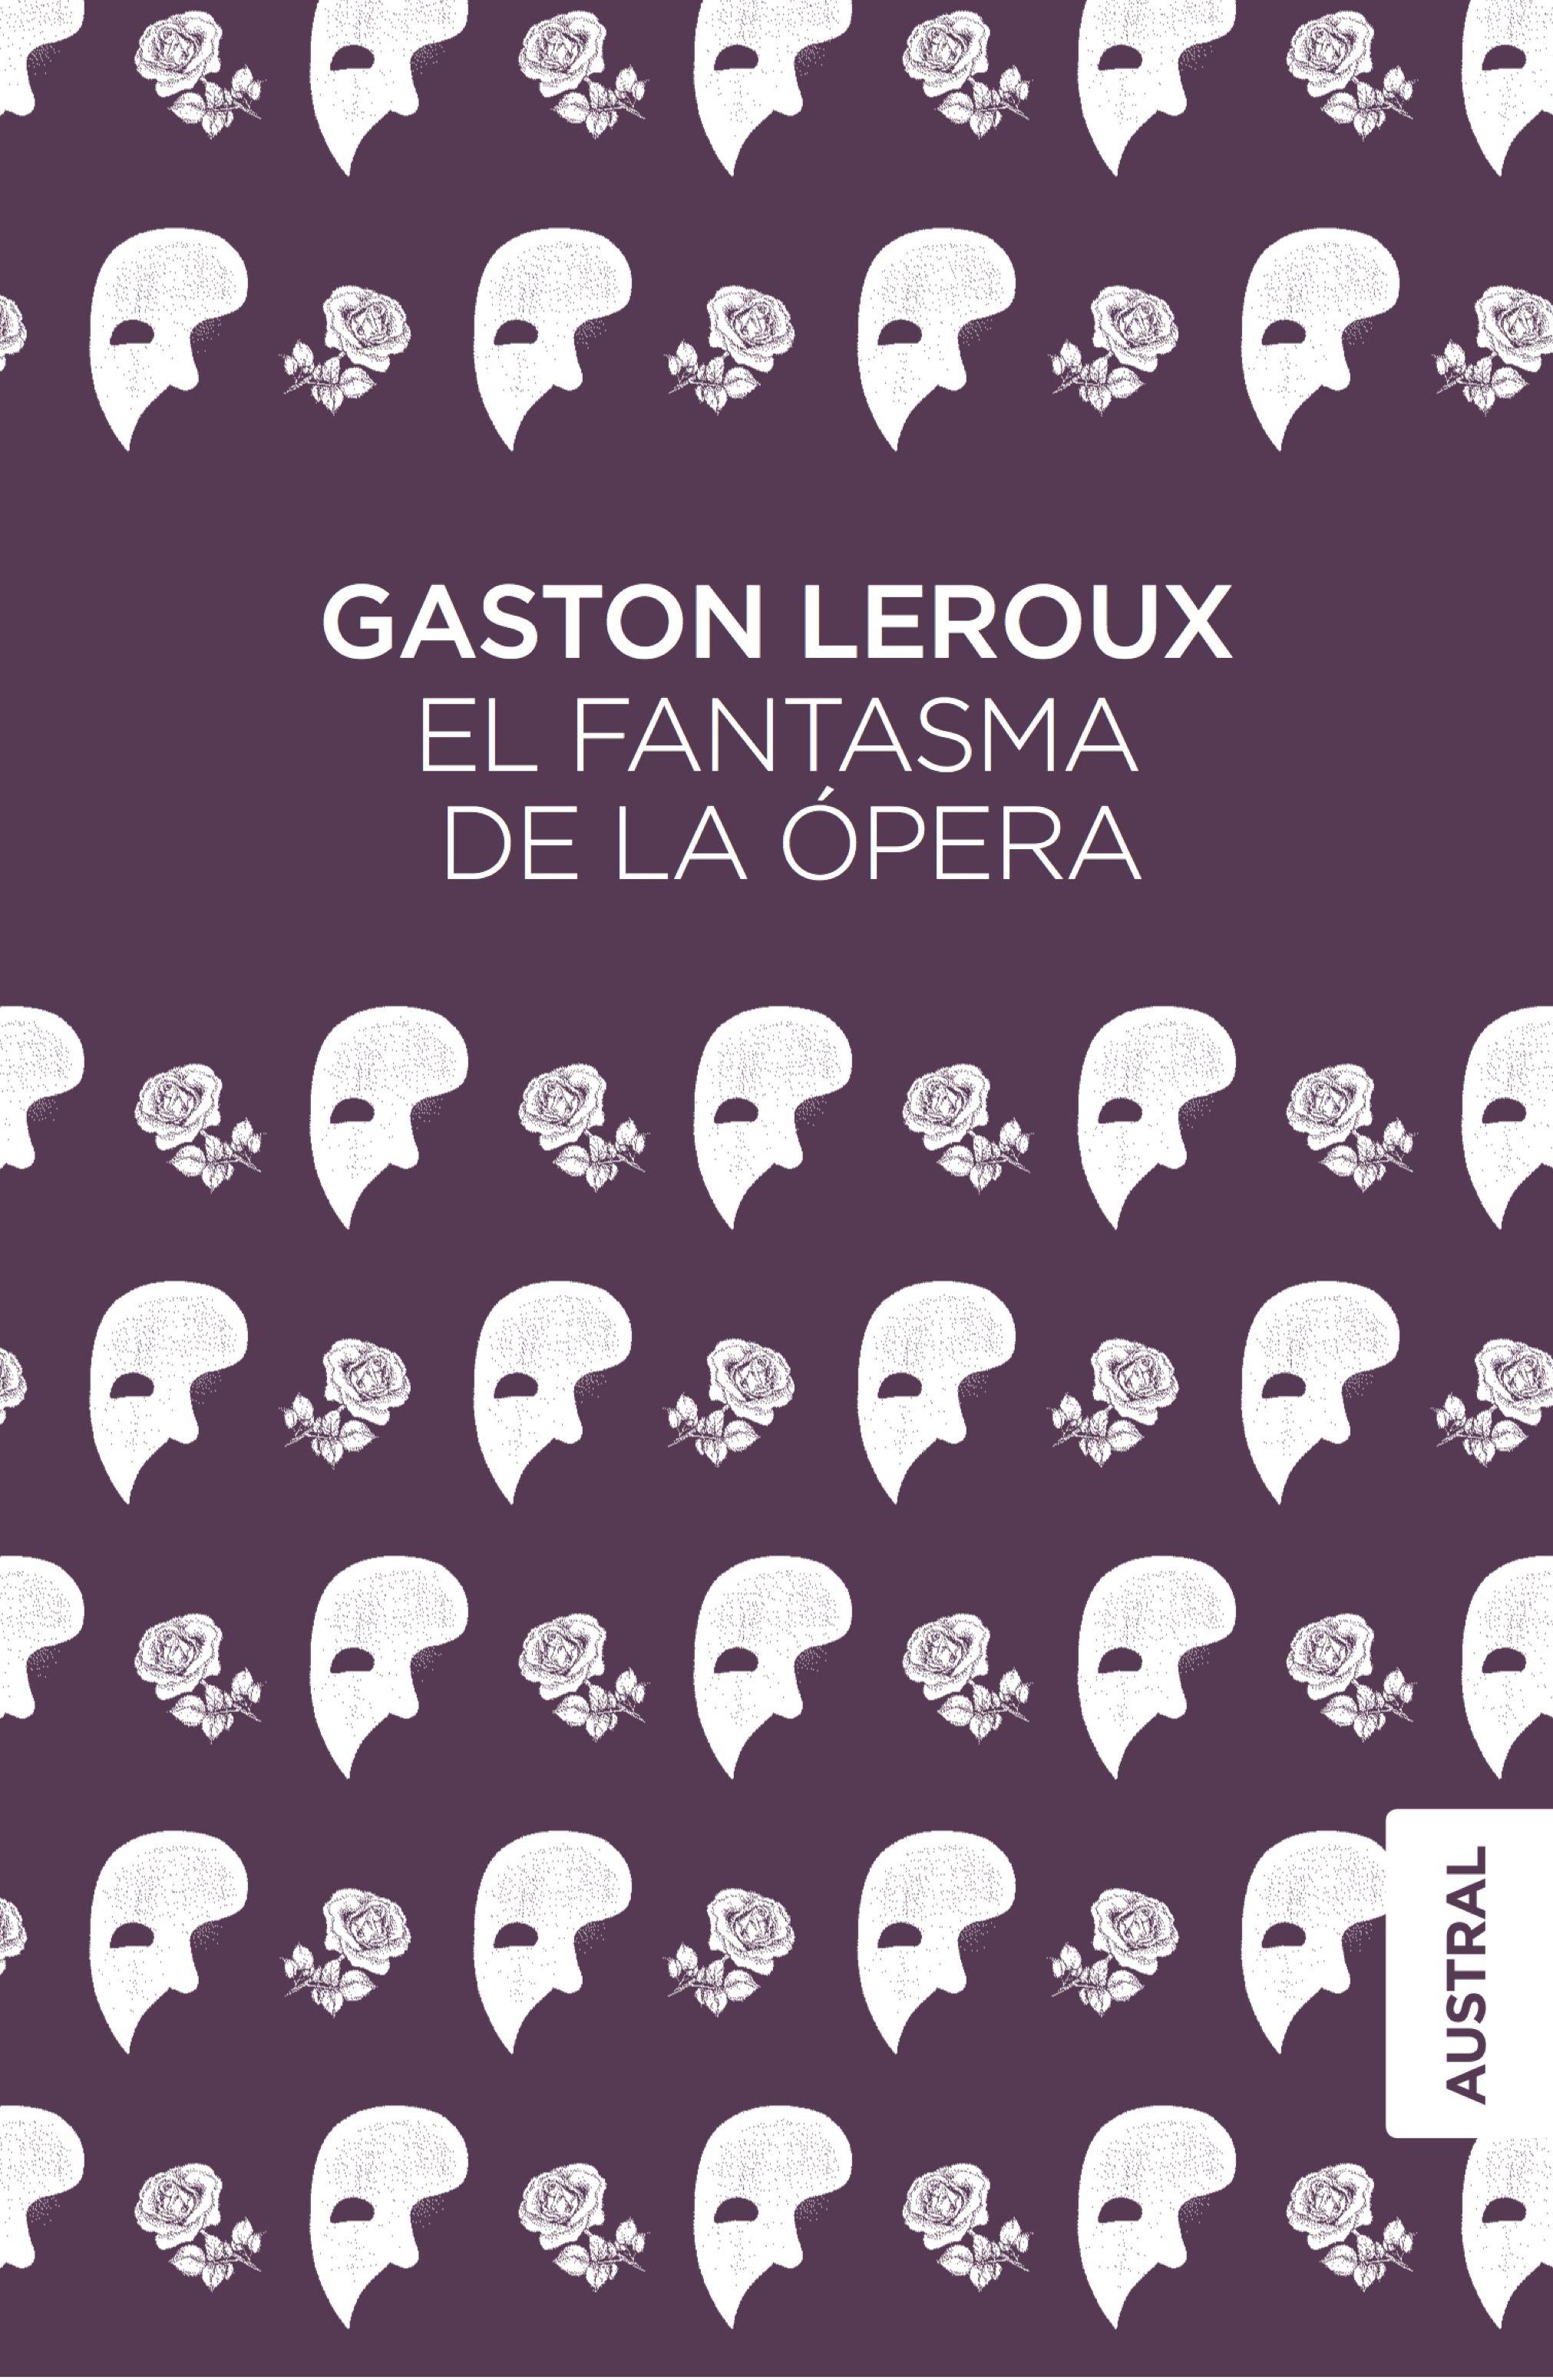 el fantasma de la opera-gaston leroux-9788467051827